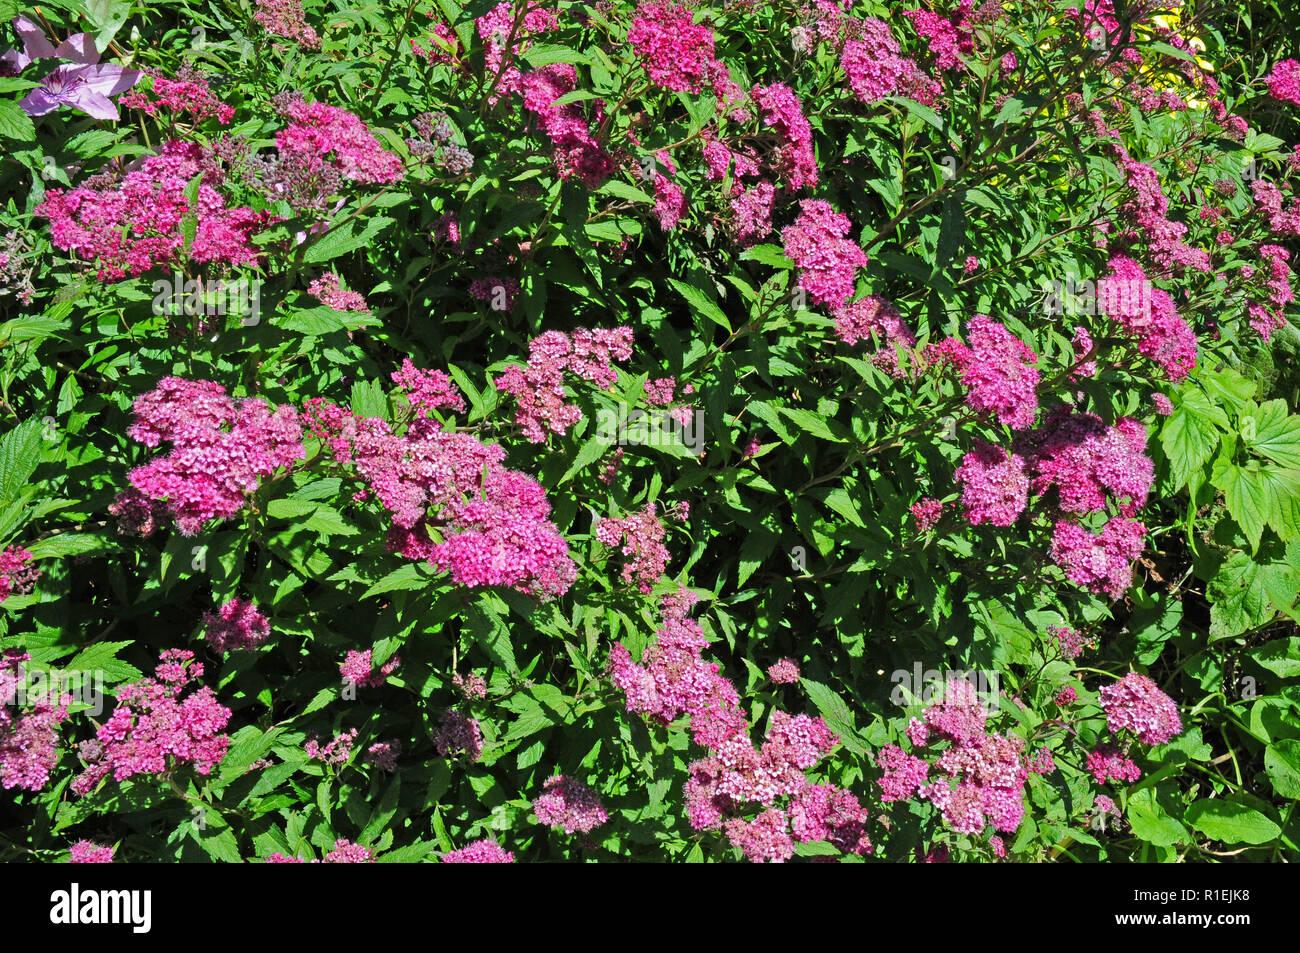 Arbuste A Feuilles Caduques Arbuste A Feuilles Caduques Fleur Rose